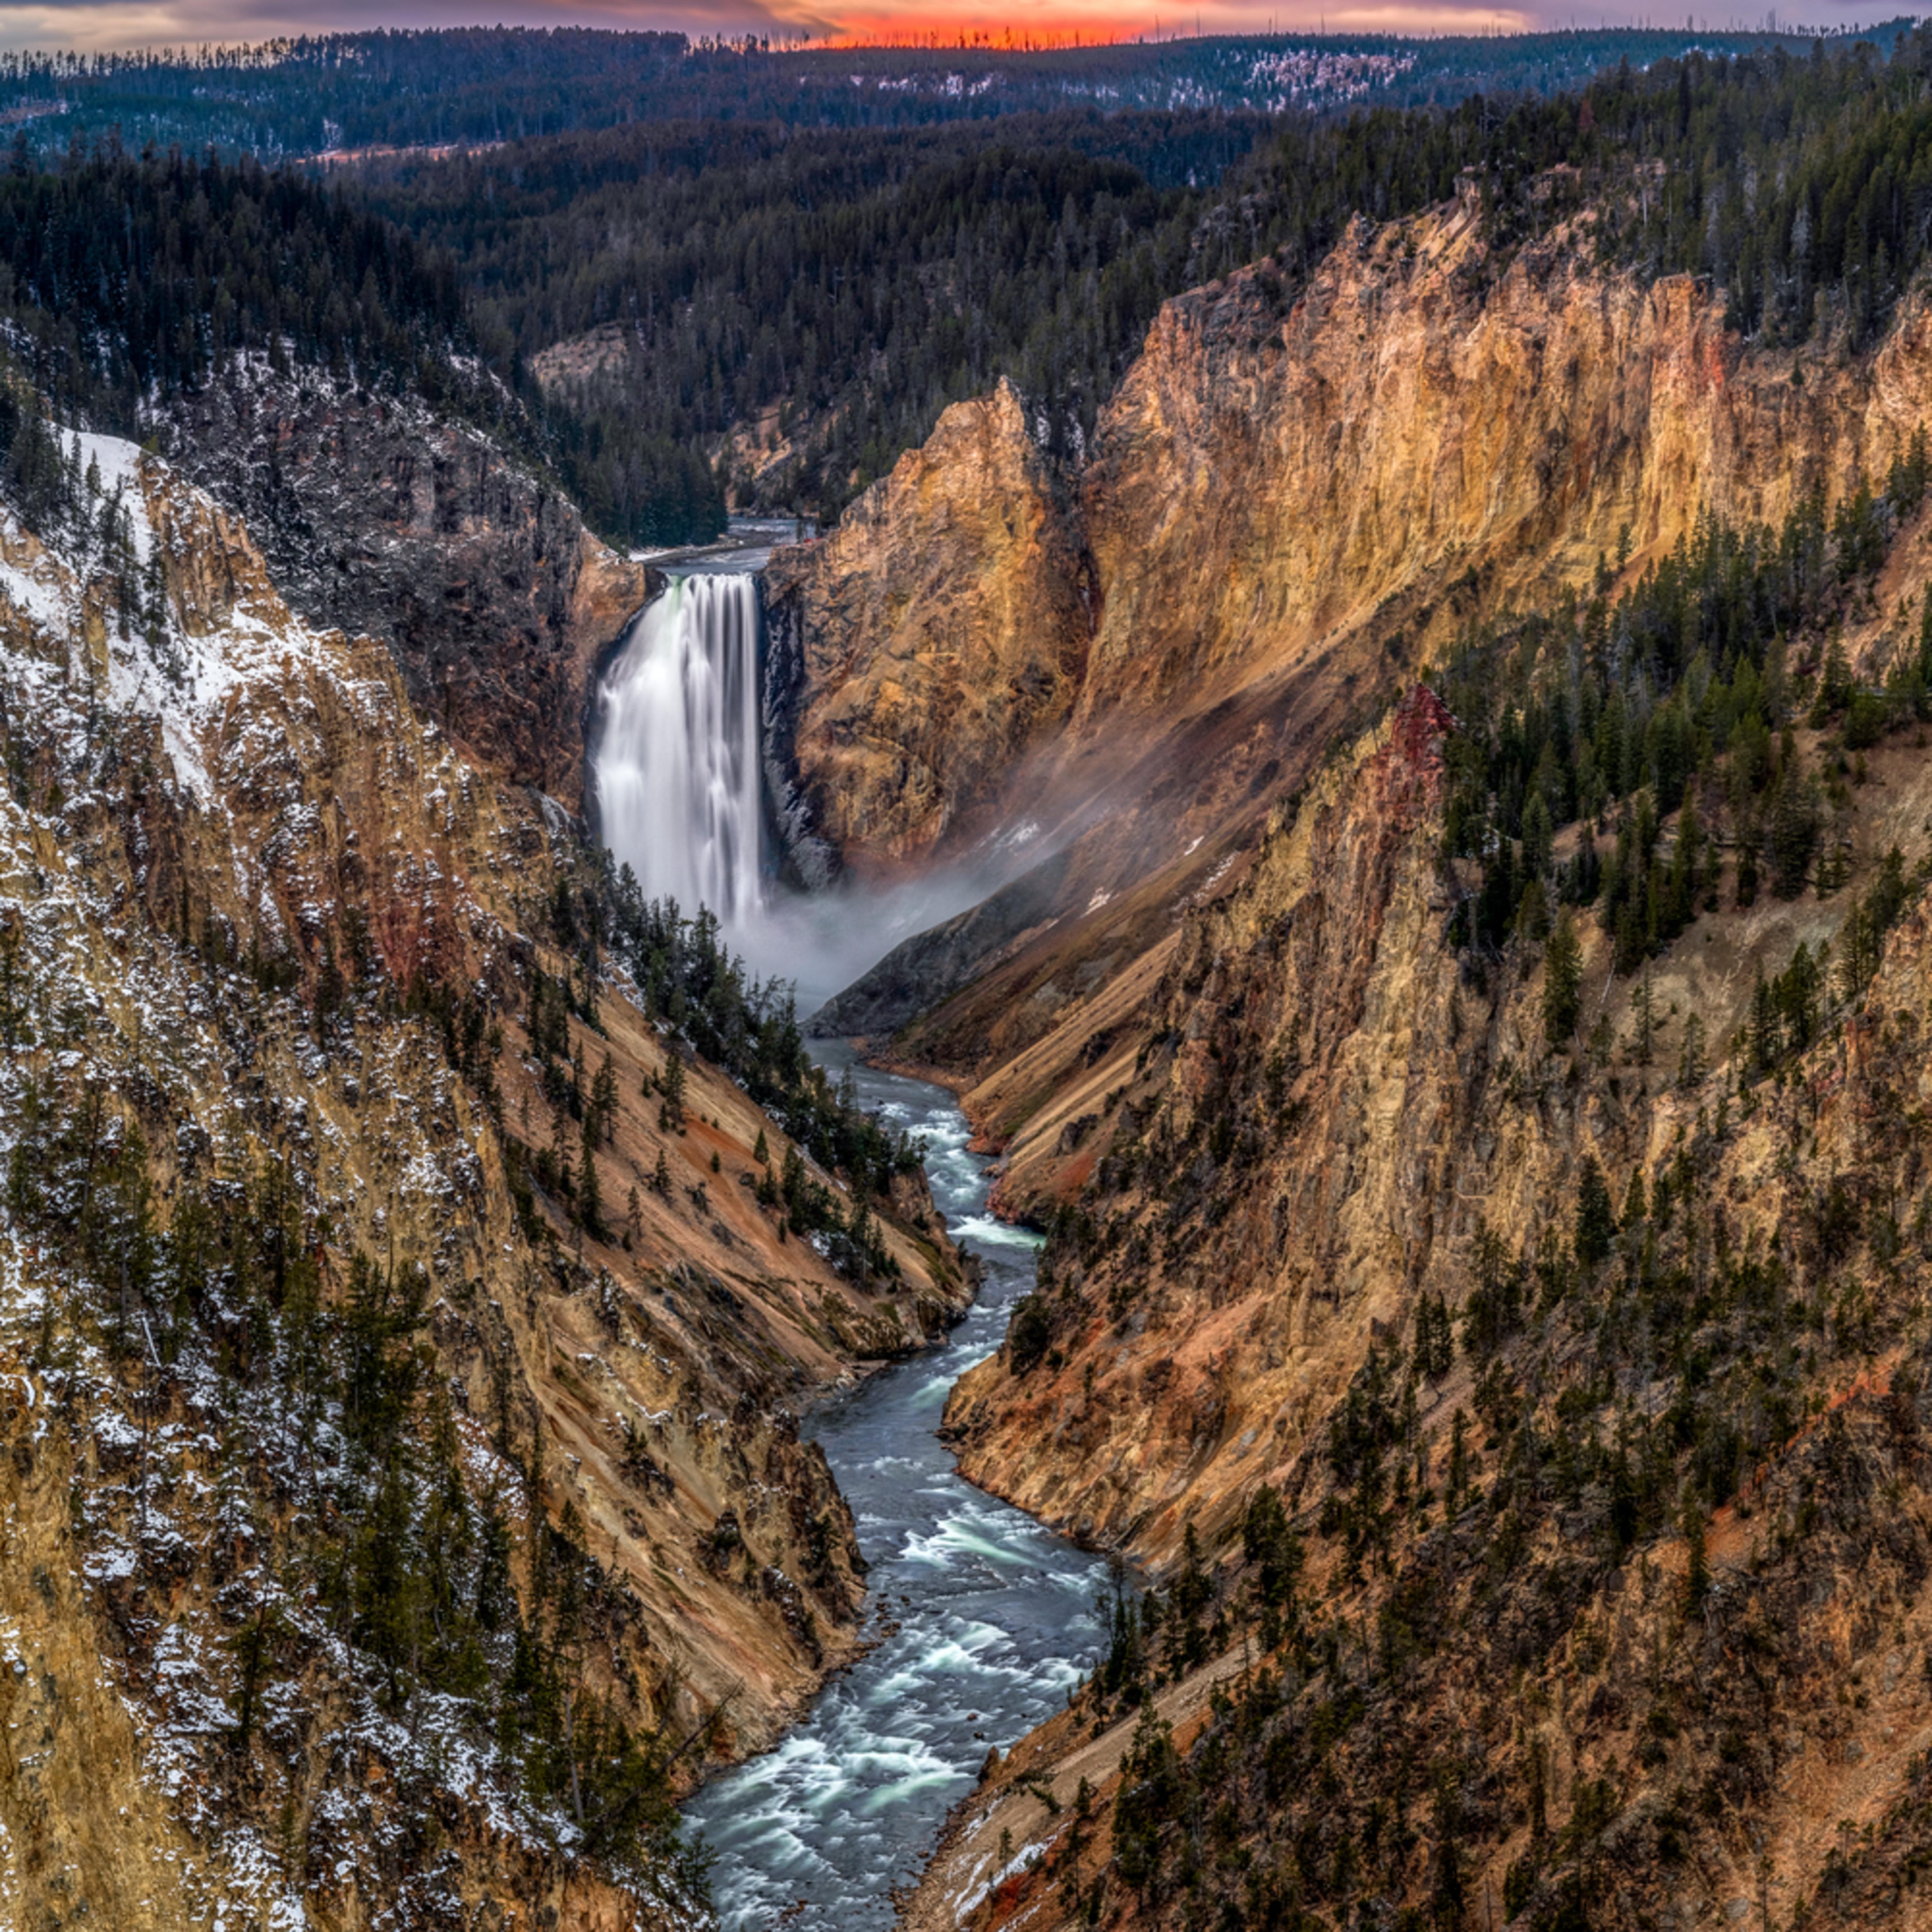 2046 grand canyon of the yellowstone 1.5 5358 x 7508 j100argb 20190515 0900 zsnaye